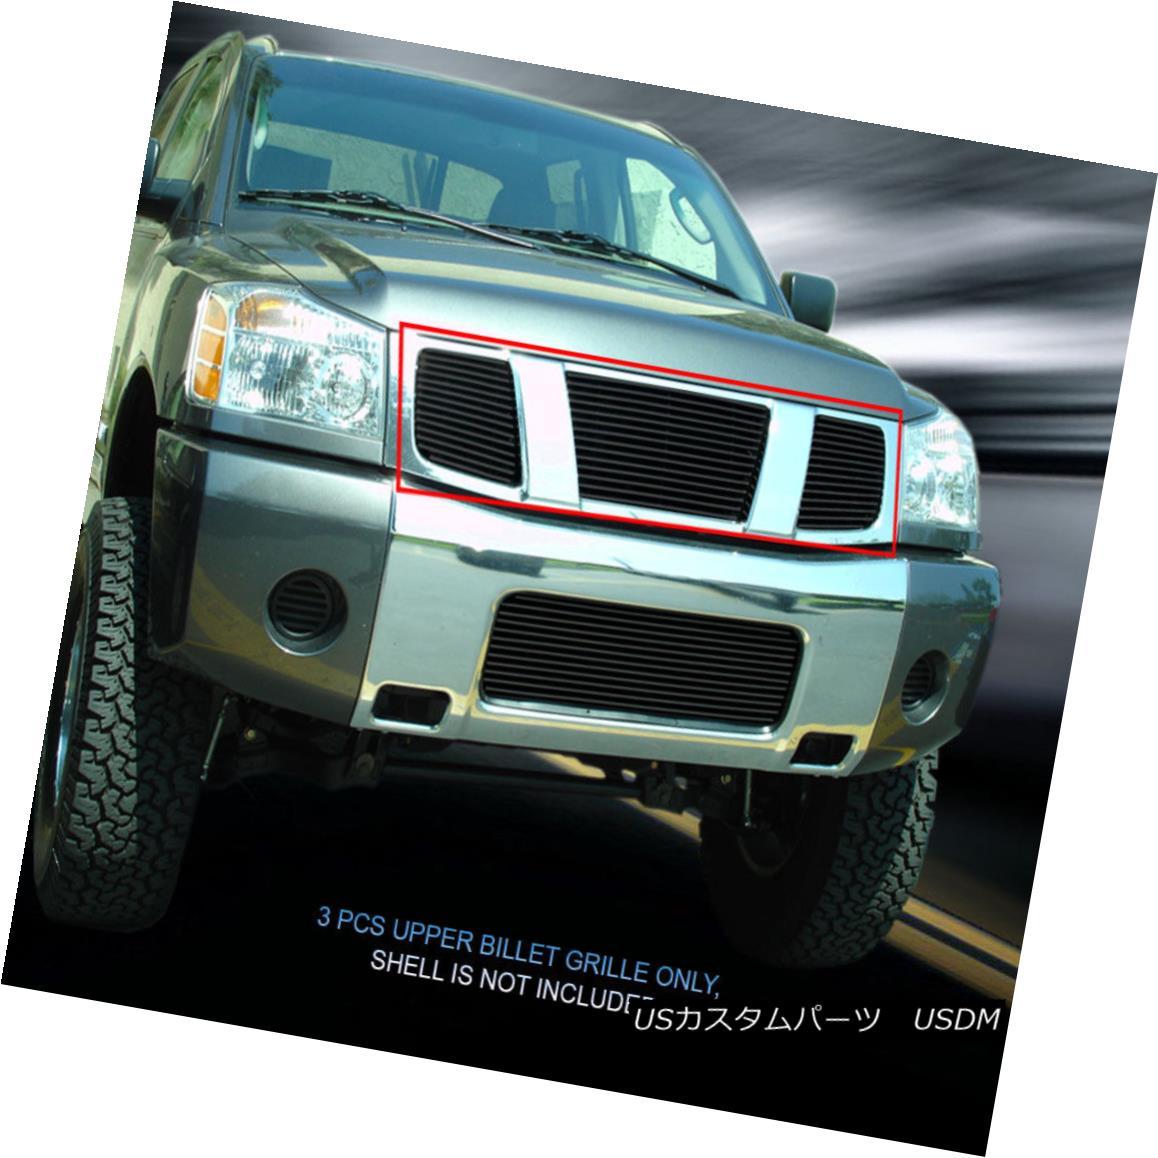 グリル Fedar Fits 2004-2007 Nissan Titan Armada Black Main Upper Billet Grille Fedar Fits 2004-2007 Nissan Titan Armada Blackメインアッパービレットグリル